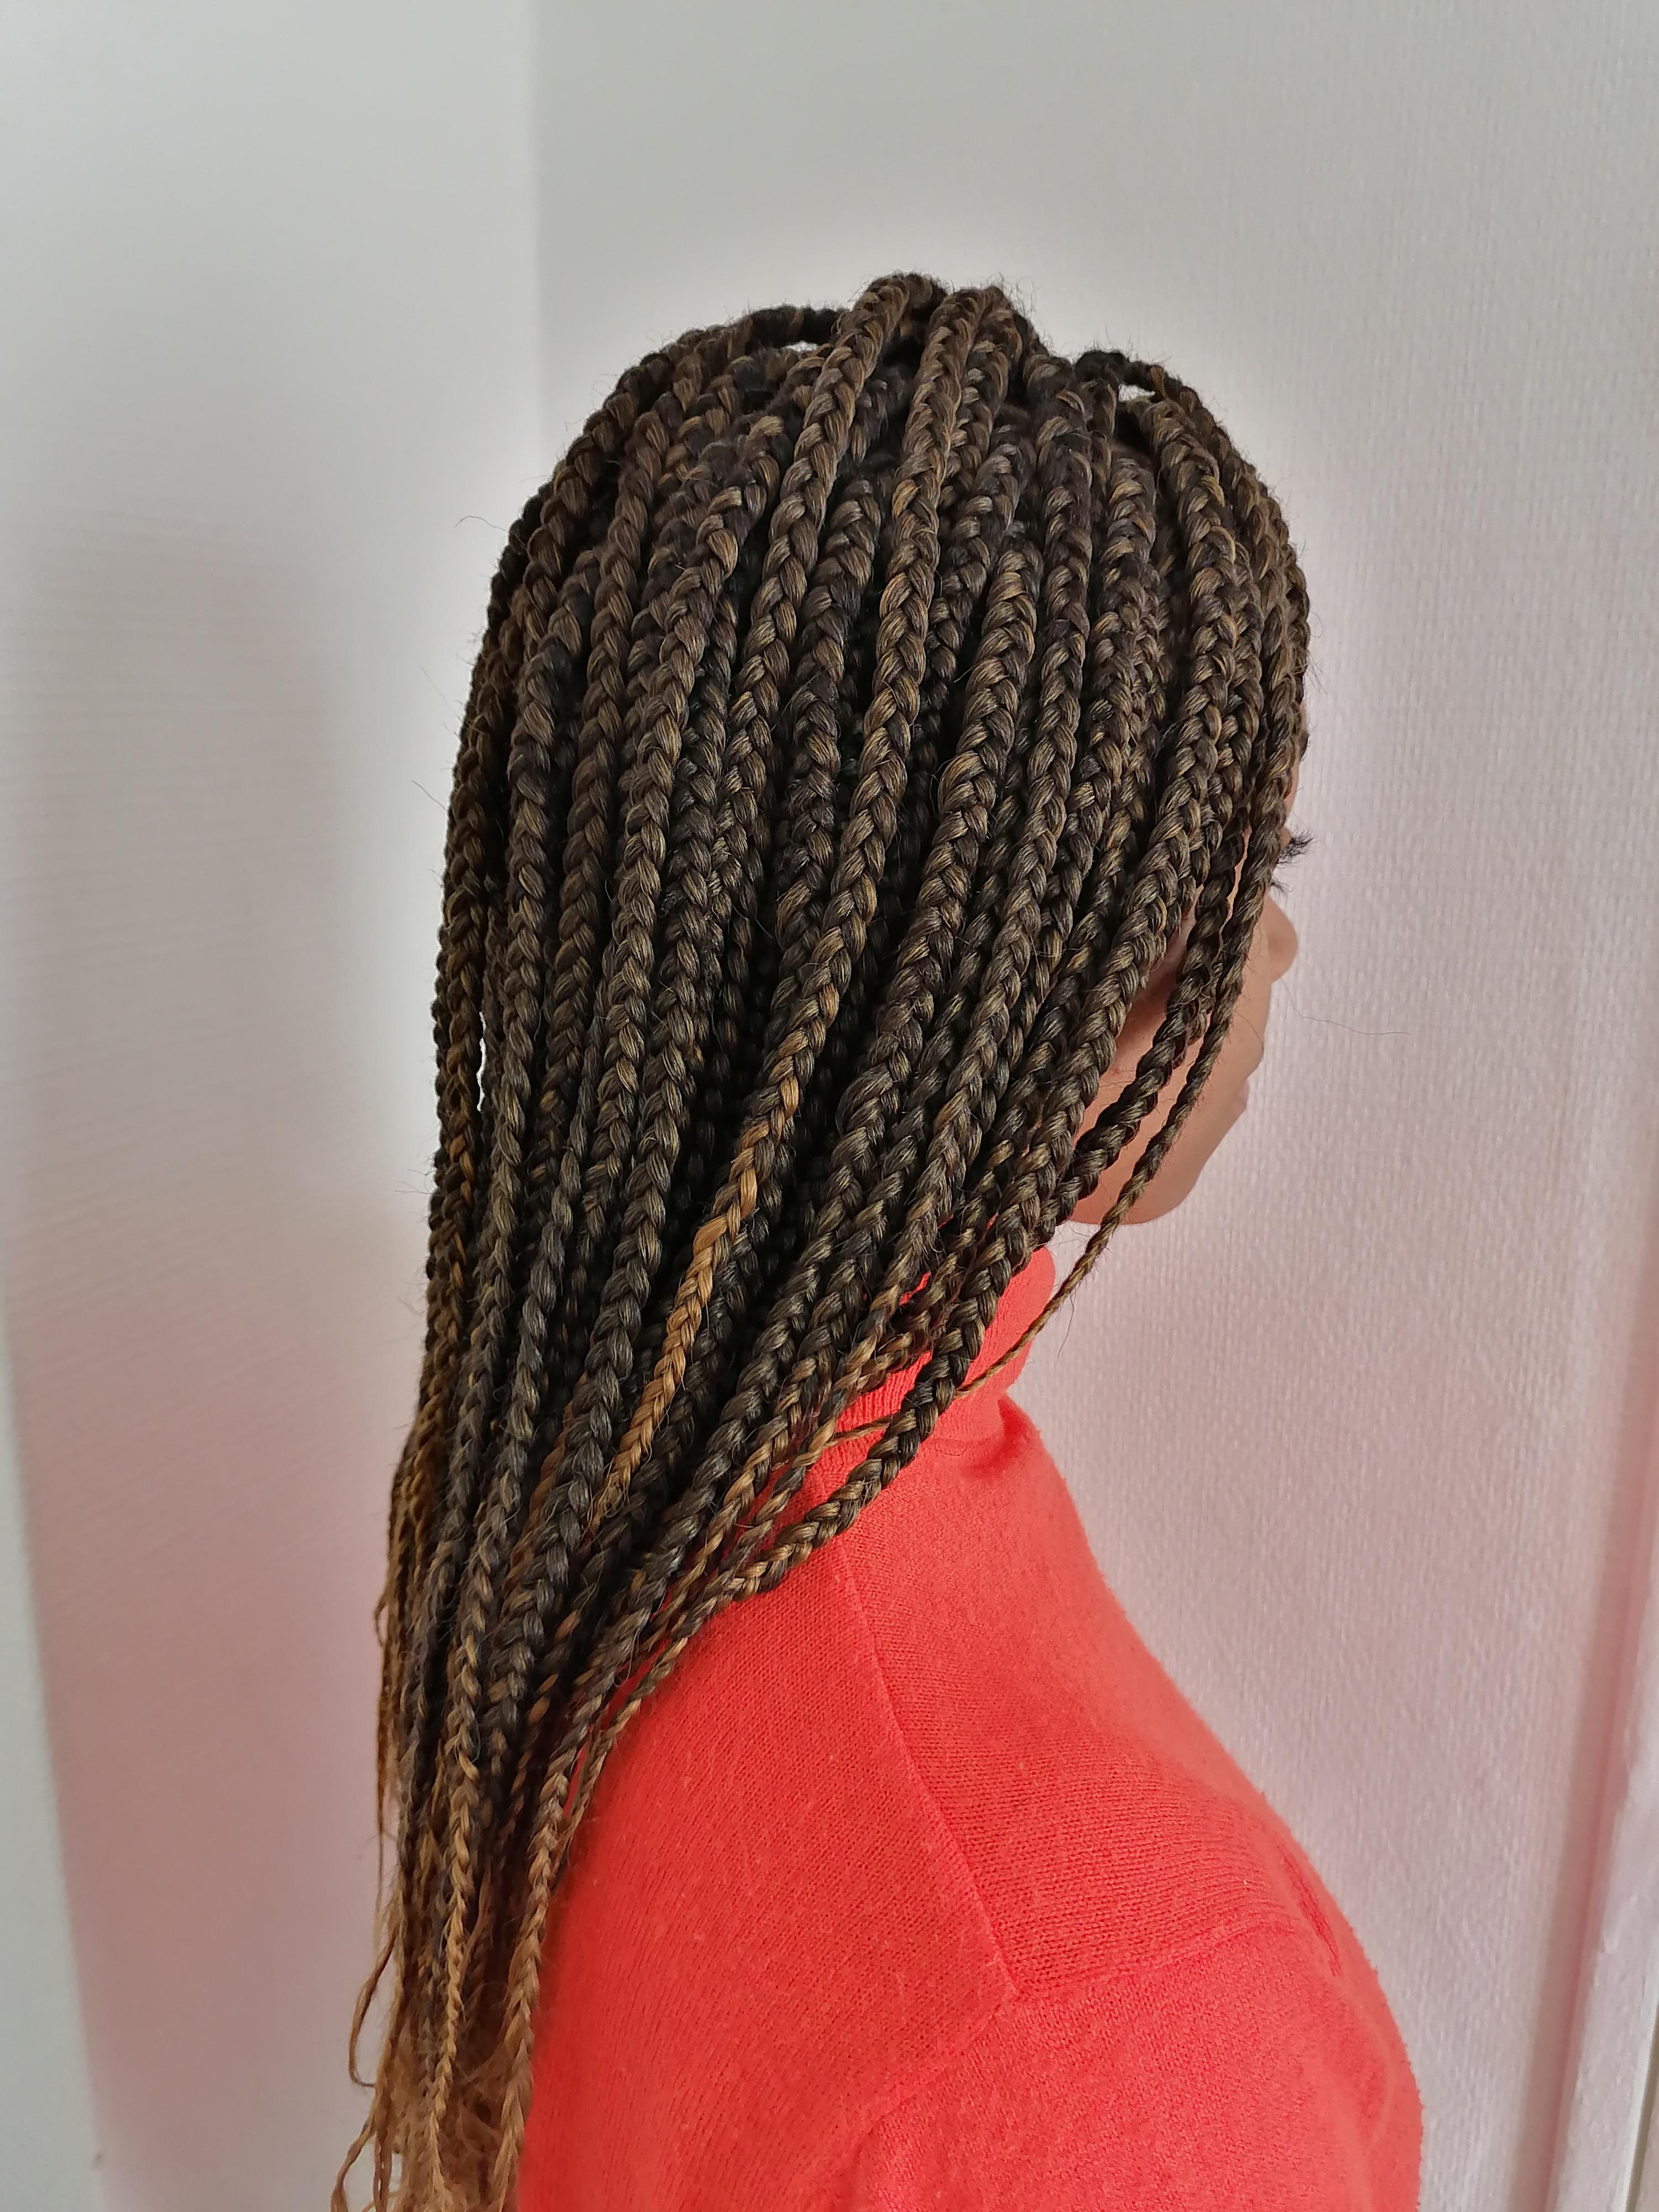 salon de coiffure afro tresse tresses box braids crochet braids vanilles tissages paris 75 77 78 91 92 93 94 95 OYUONUDR